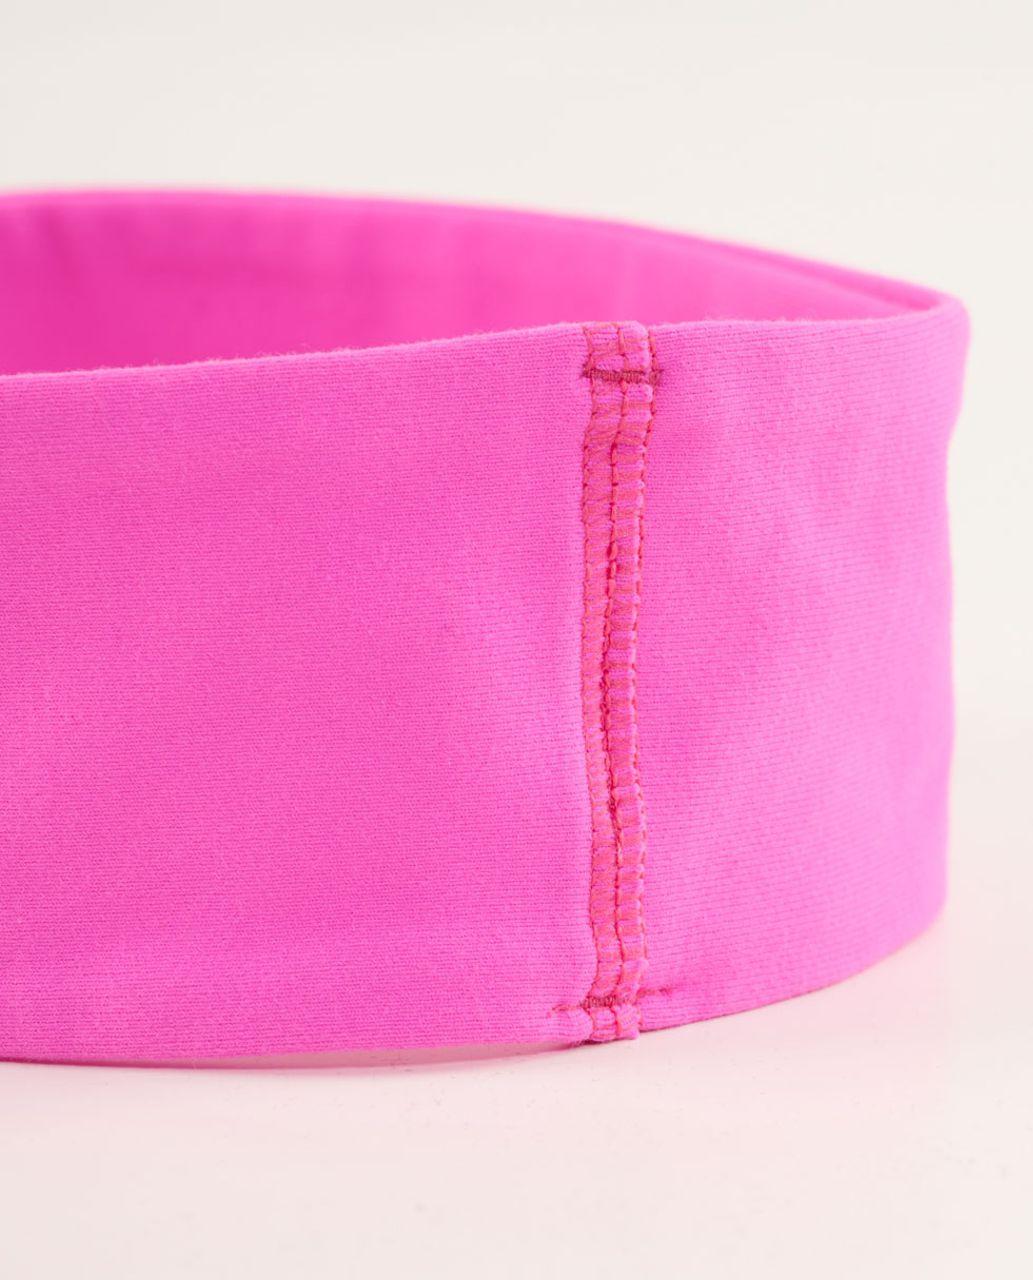 Lululemon Lucky Luon Headband - Pow Pink